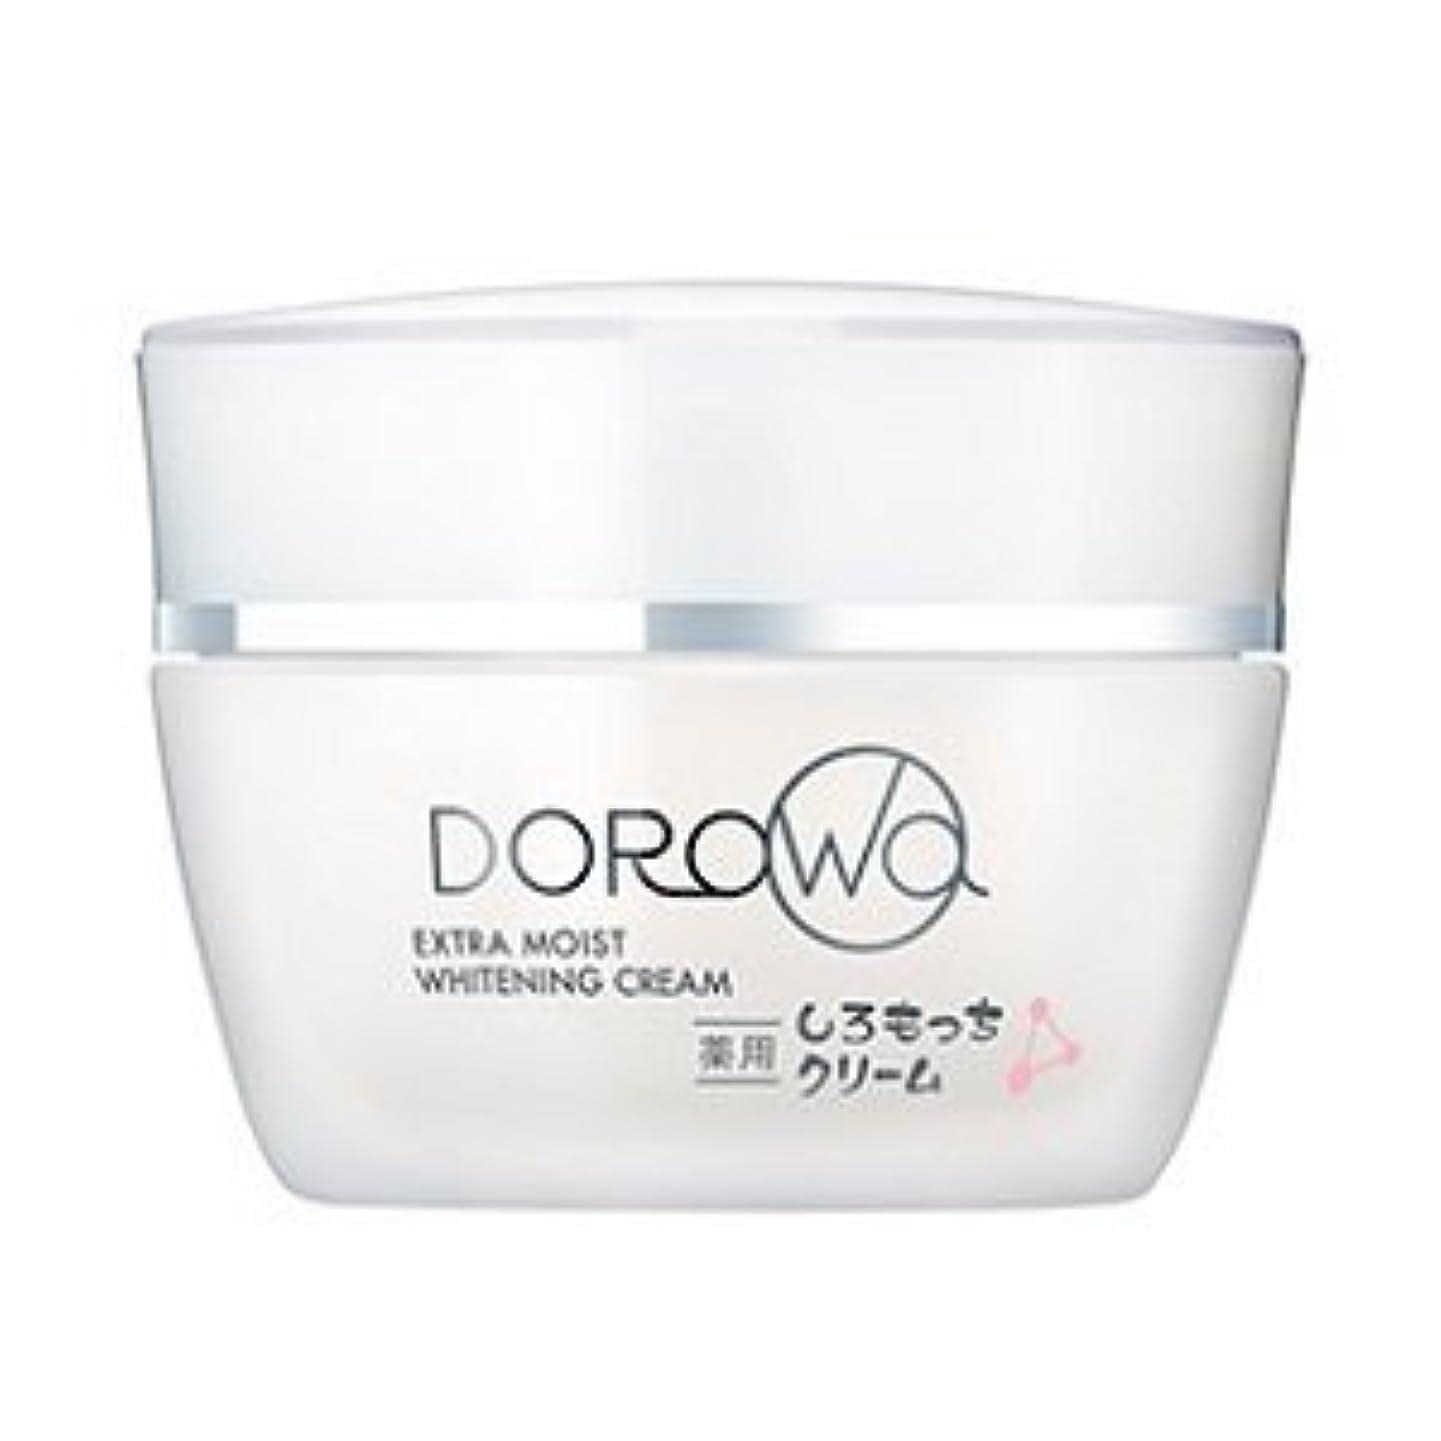 感嘆ウィスキー二層健康コーポレーション DOROwa 薬用 しろもっちクリーム 60g